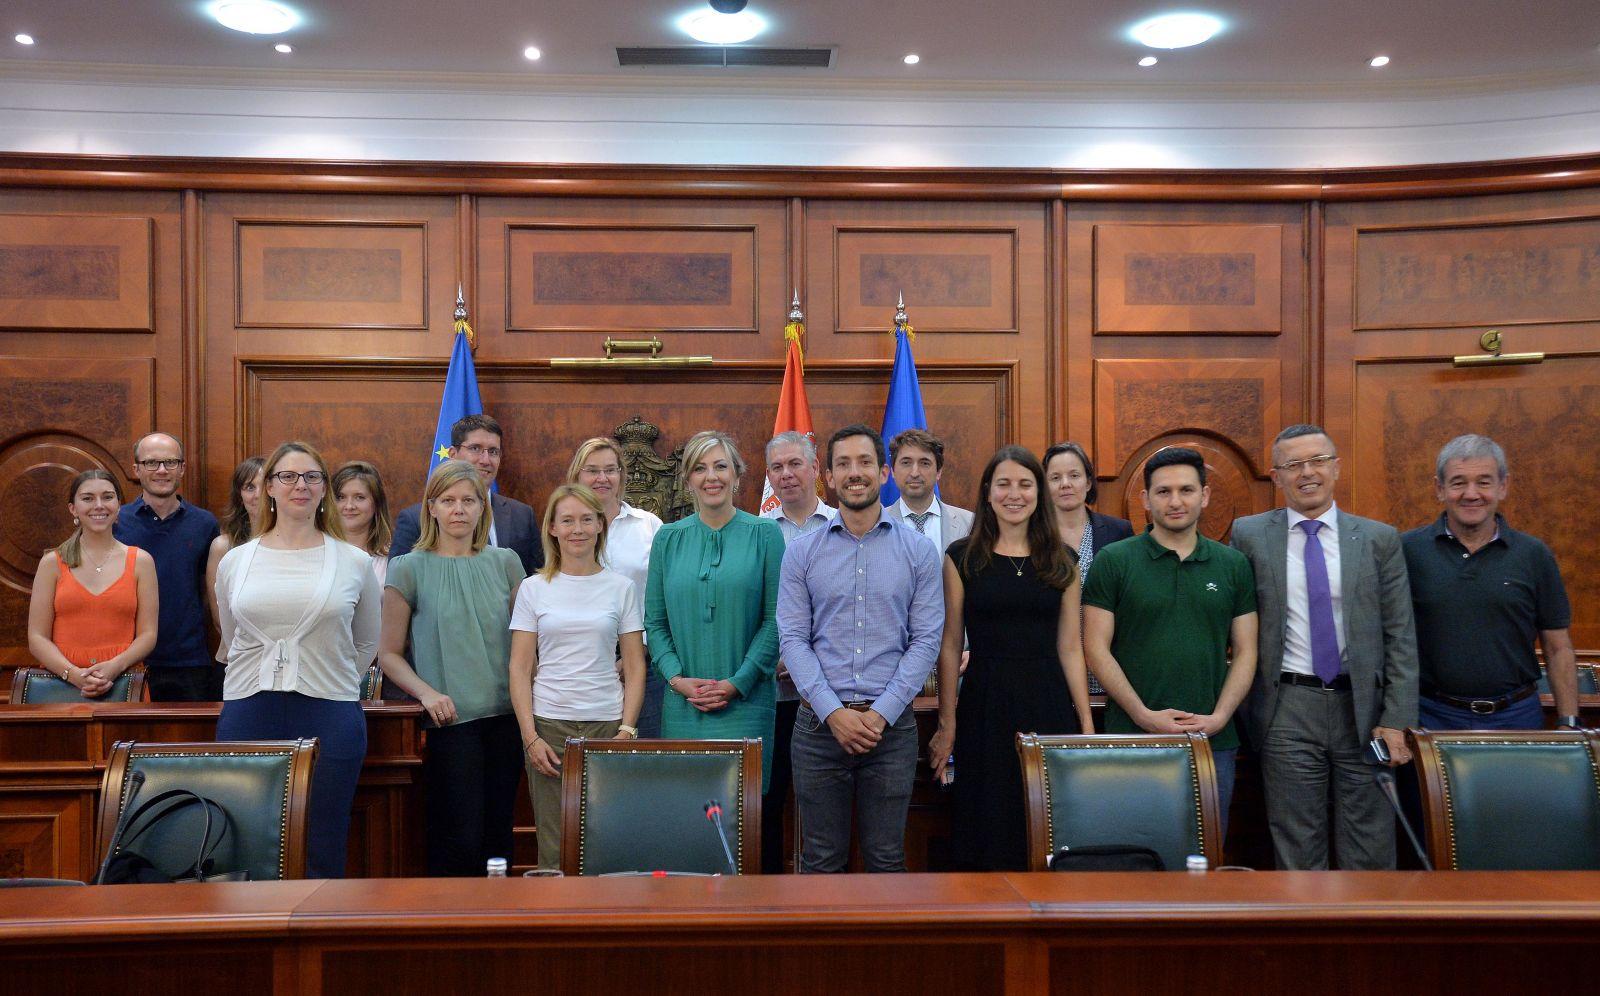 Ј. Јоксимовић са делегацијом задуженом за Србију Директората ЕУ за суседство и преговоре о проширењу